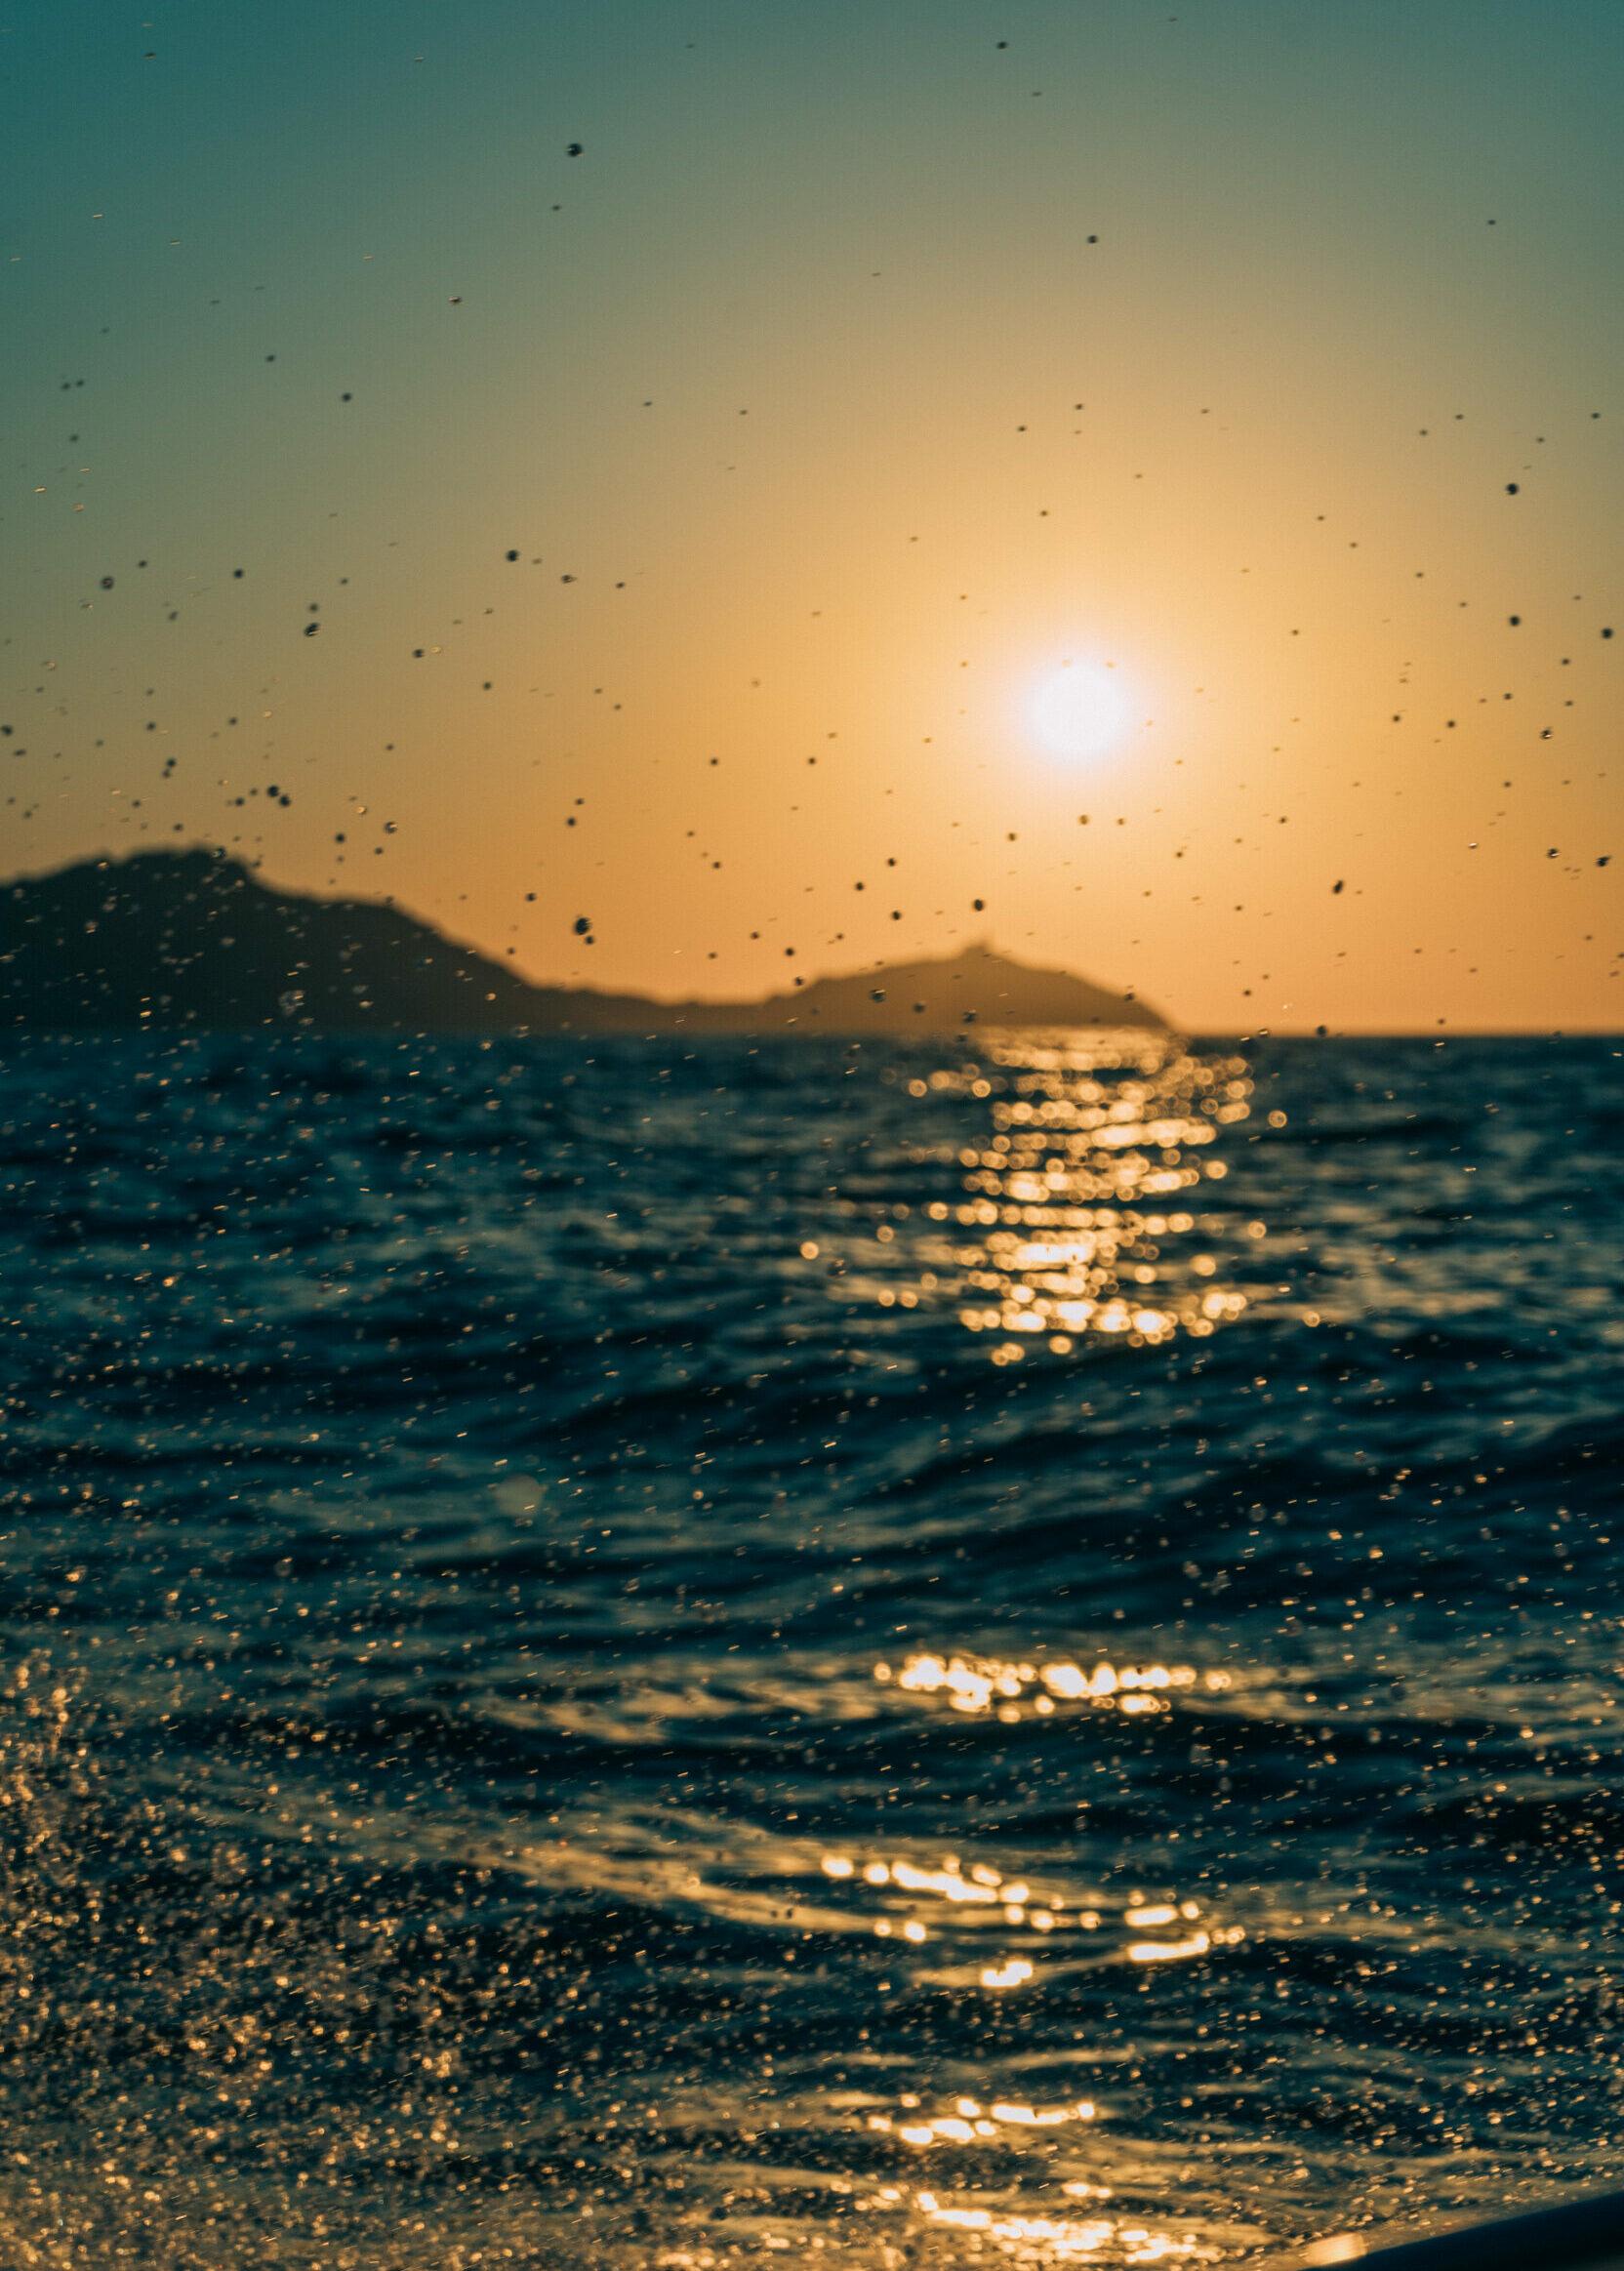 sunset seasecret boattrips boots touren naxos paros griechenland urlaub ferien sommer flisvos sport club